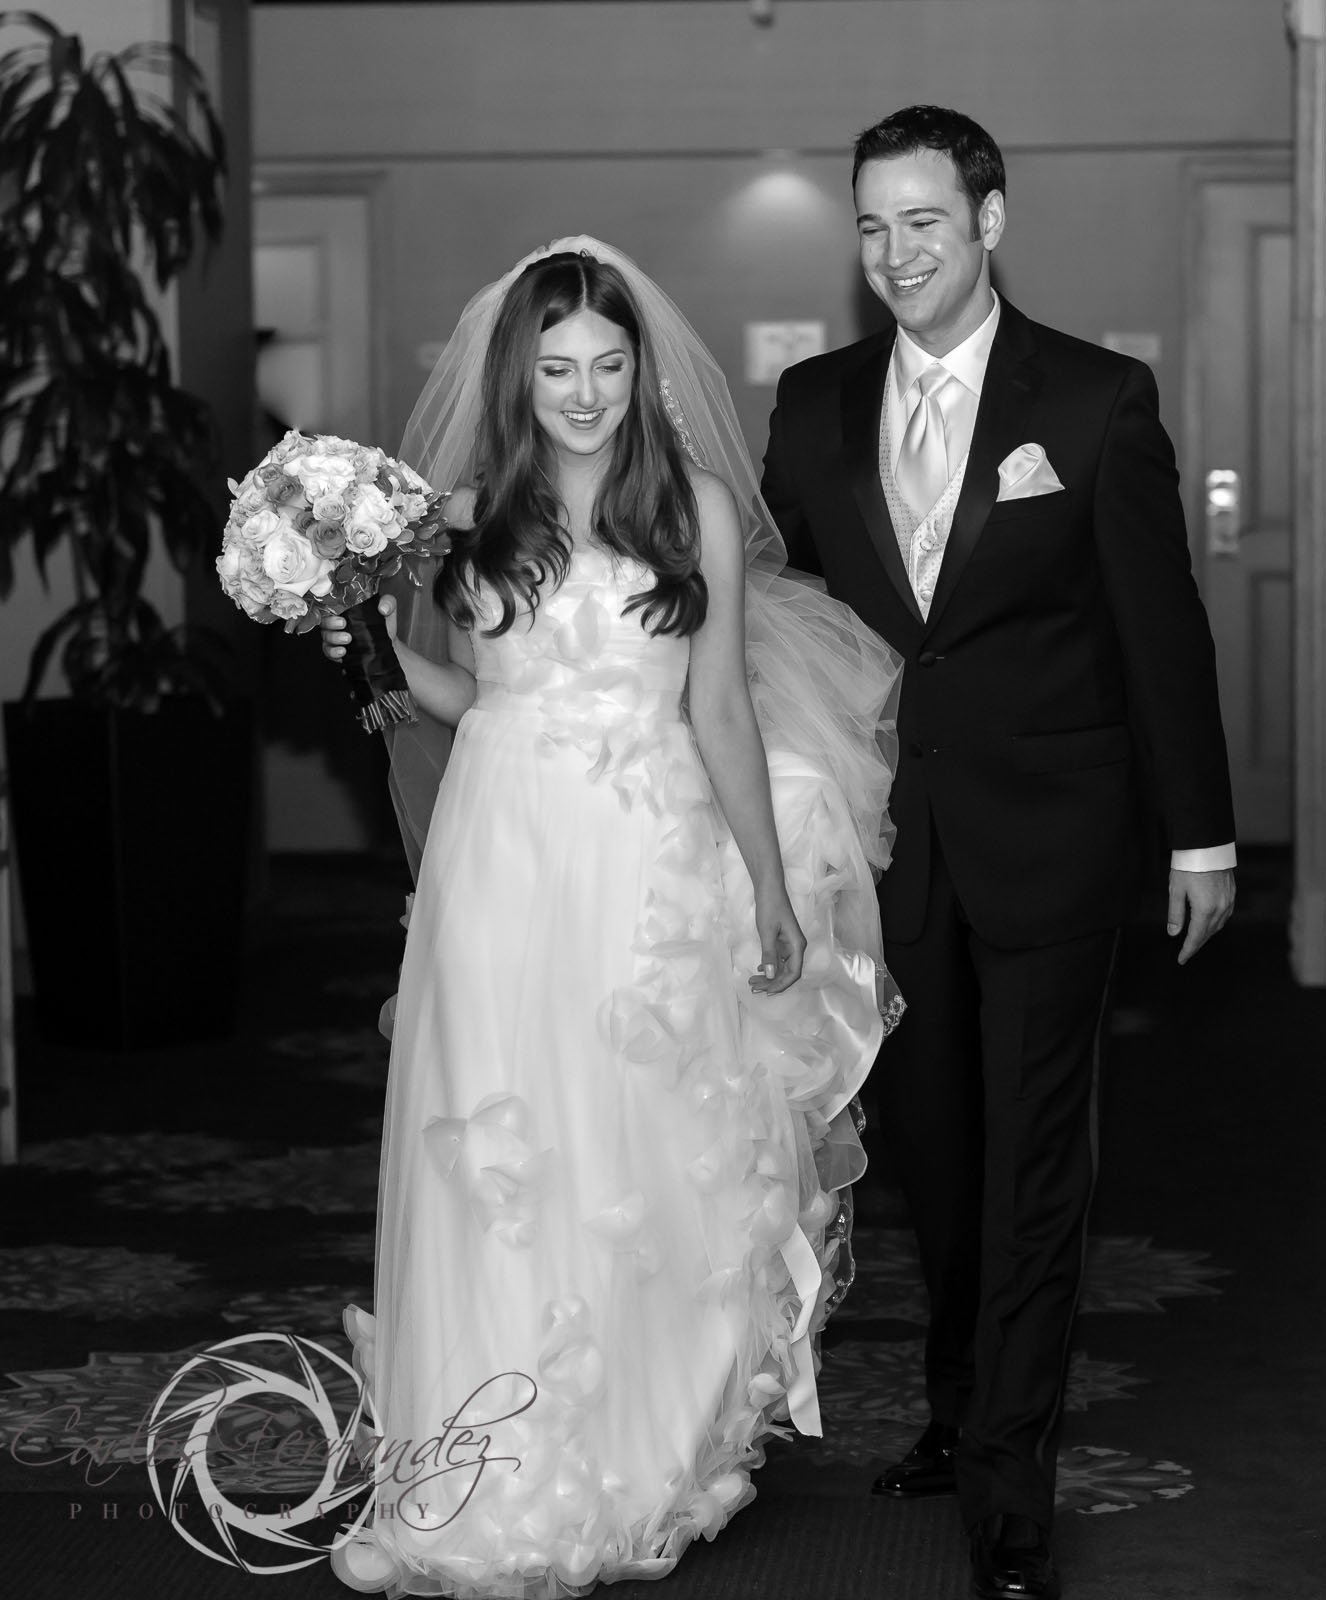 J anie's Wedding Photography, Miami Wedding Photography,Wedding Images,Wedding Photos